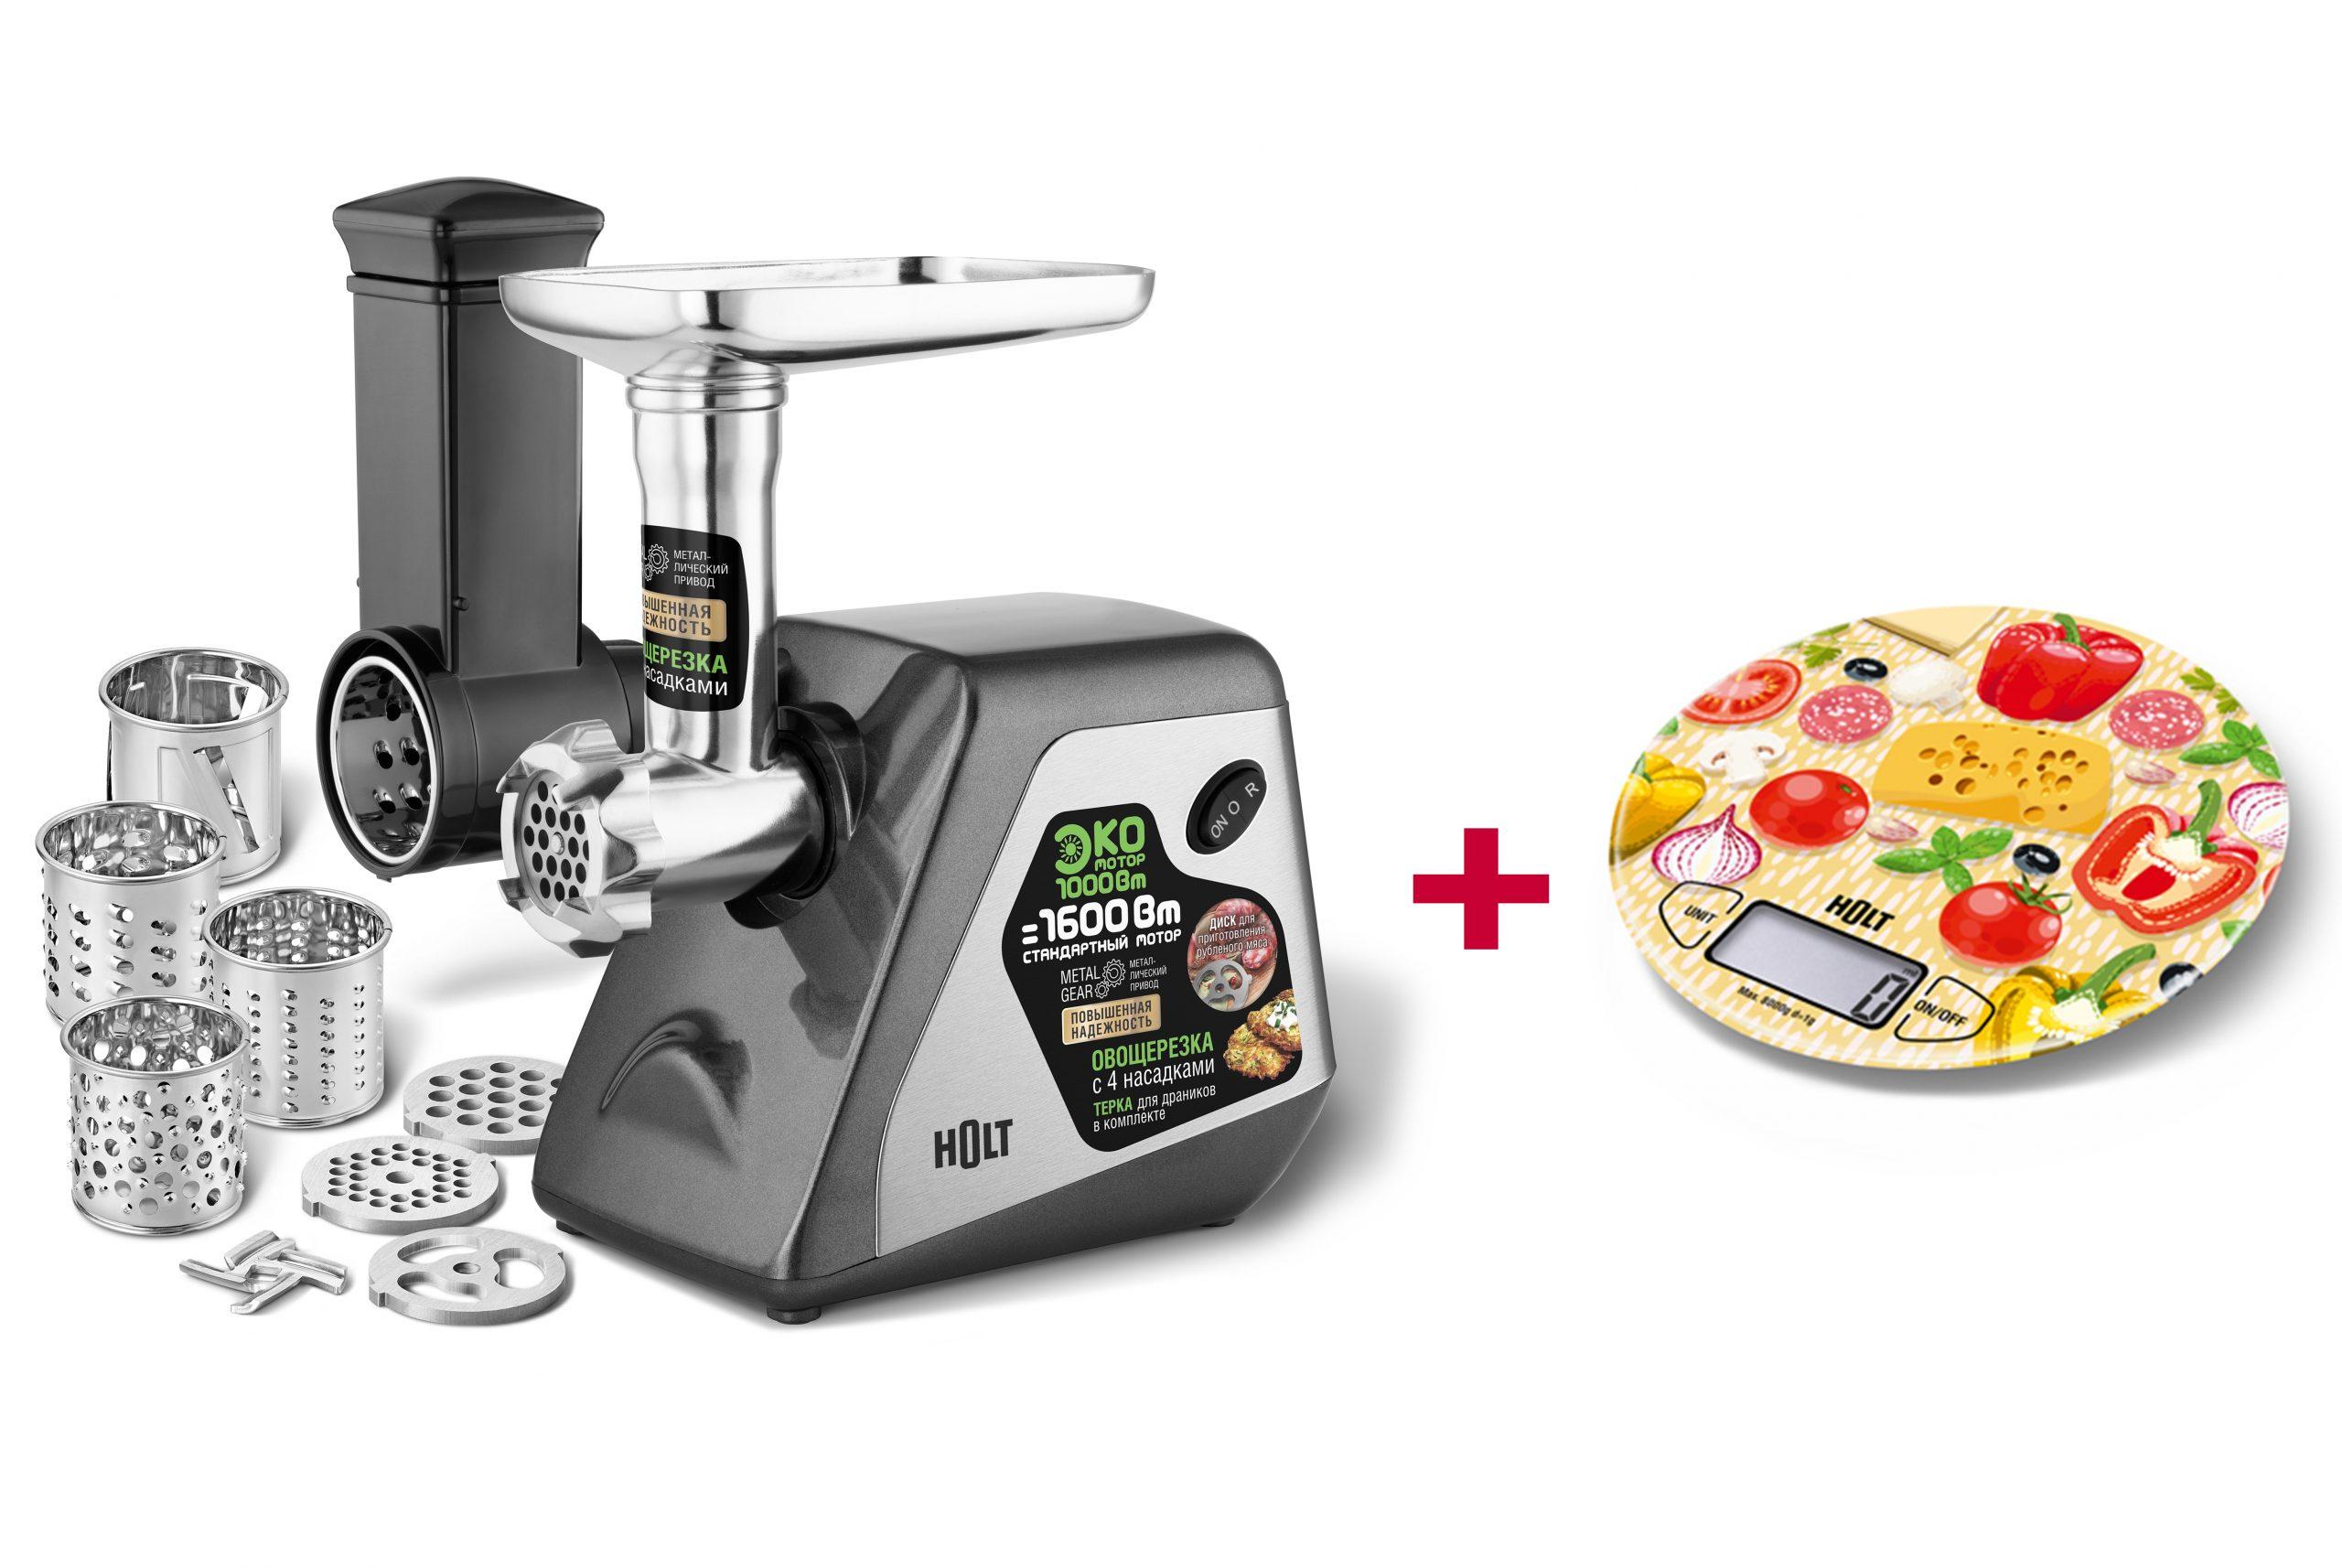 Holt komplektas mesmale HT-MG-009 virtuvines svarstykles HT-KS-003 Vegetables